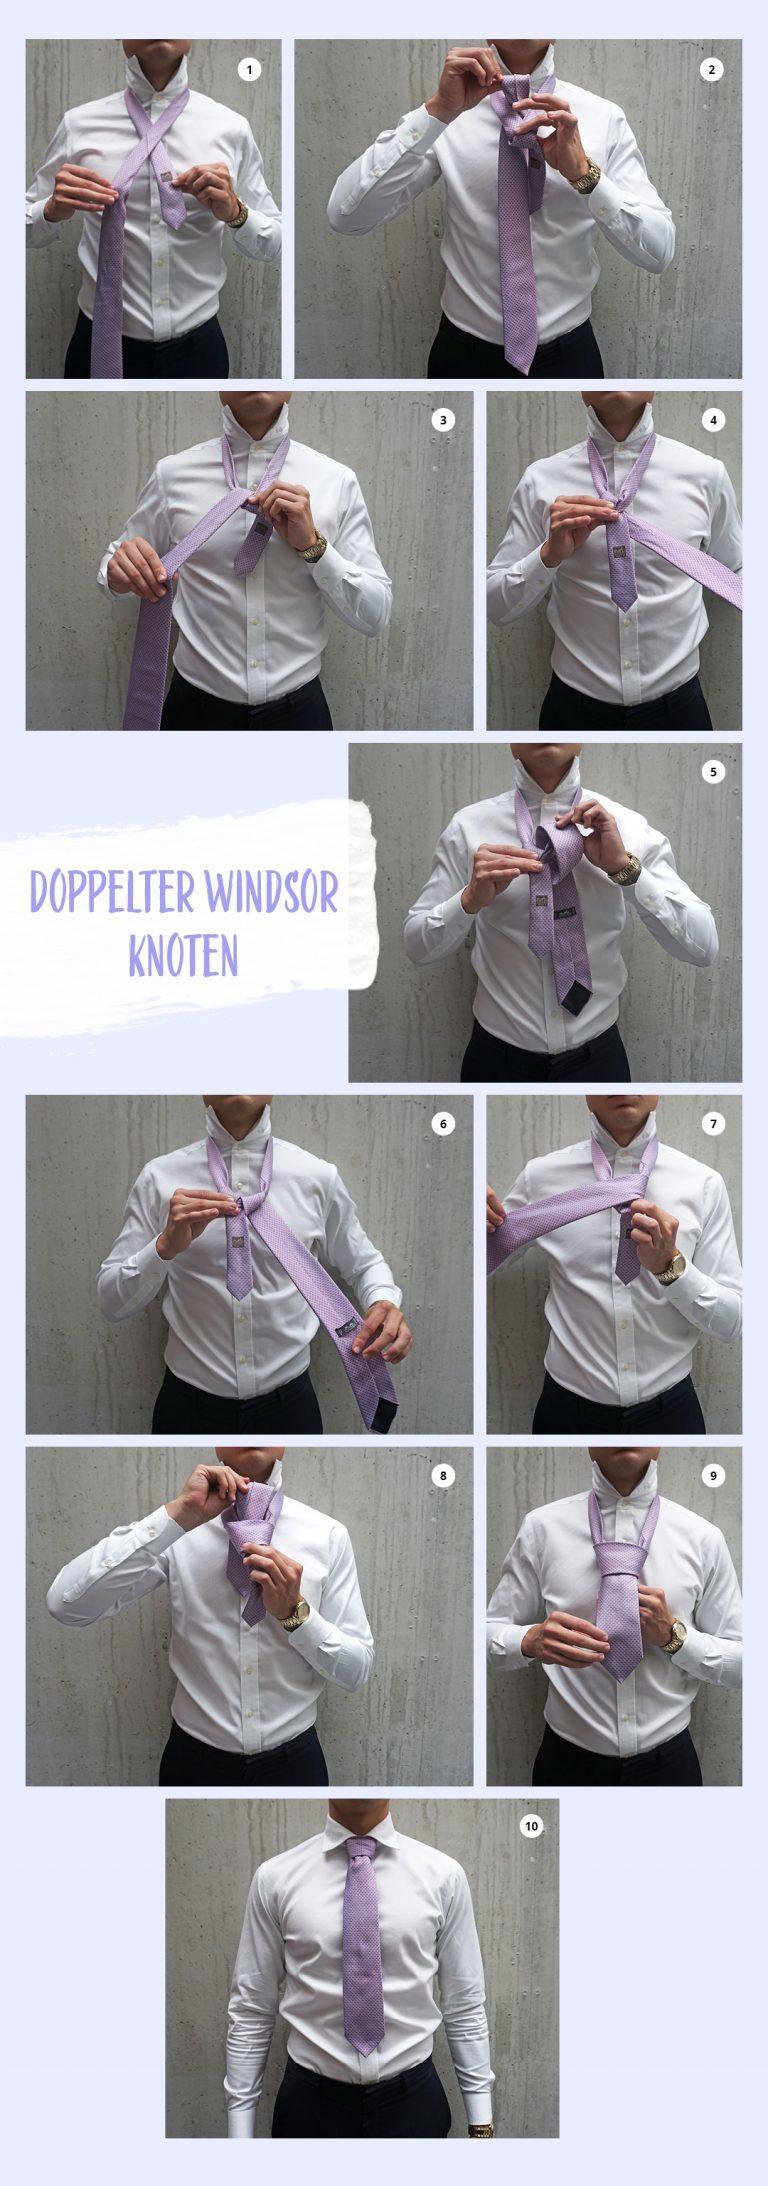 wie binde ich eine krawatte - doppelter windsor binden